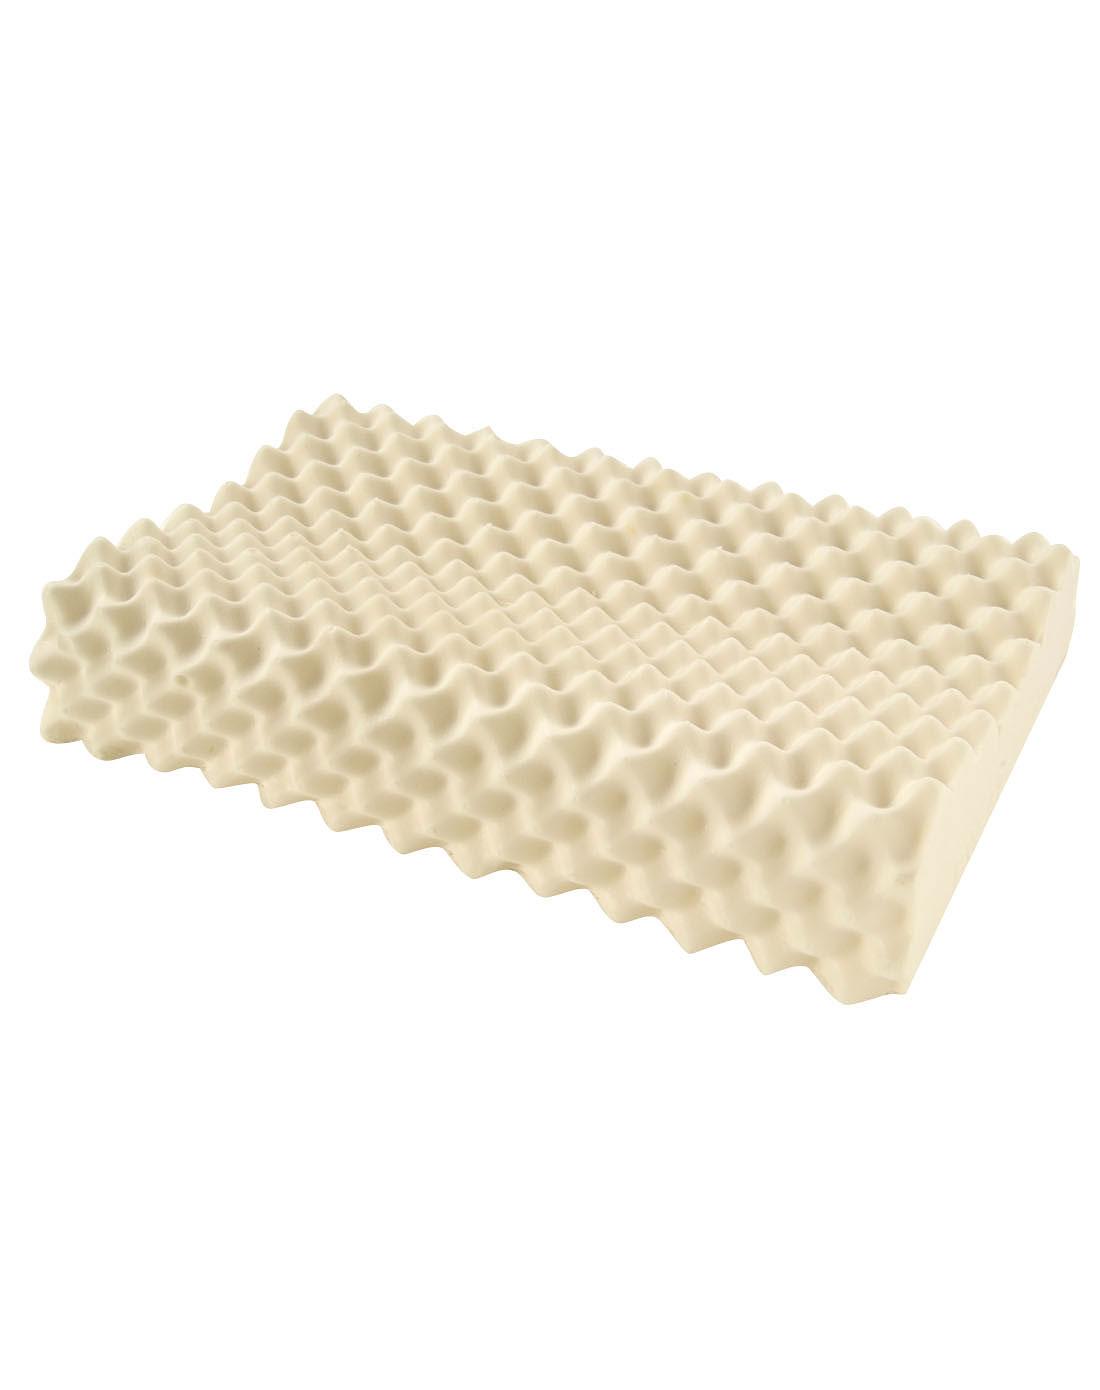 米白色超大按摩颗粒乳胶枕图片